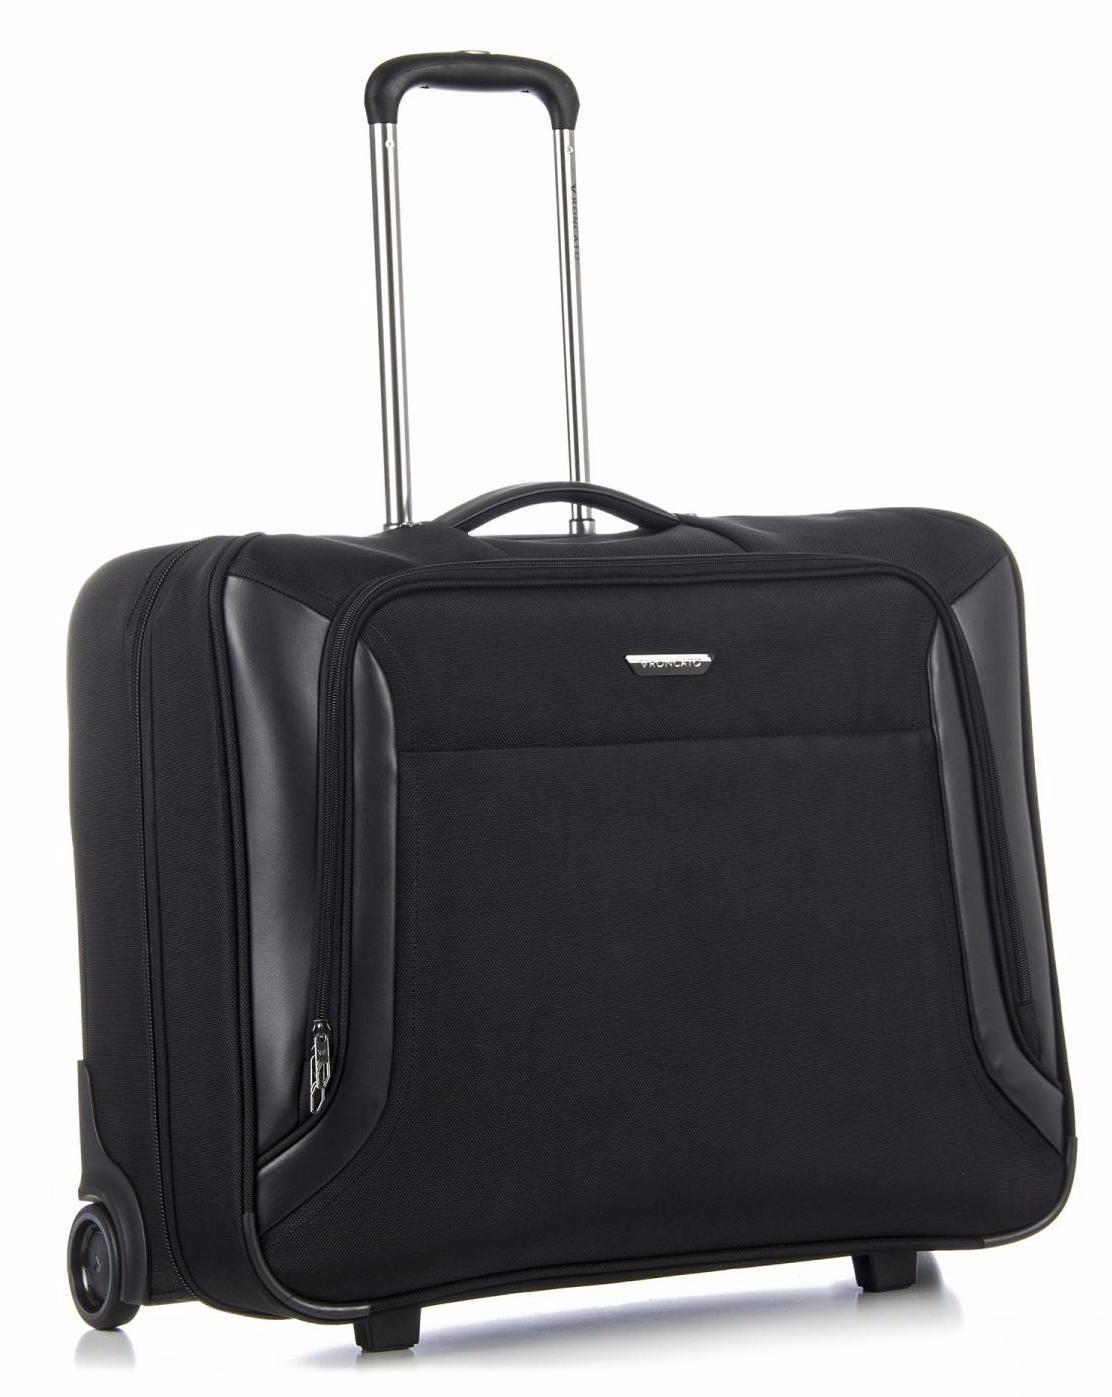 Портплед на колесах Roncato 2128 BIZ 2.0 Garment Bag 5205b88a910